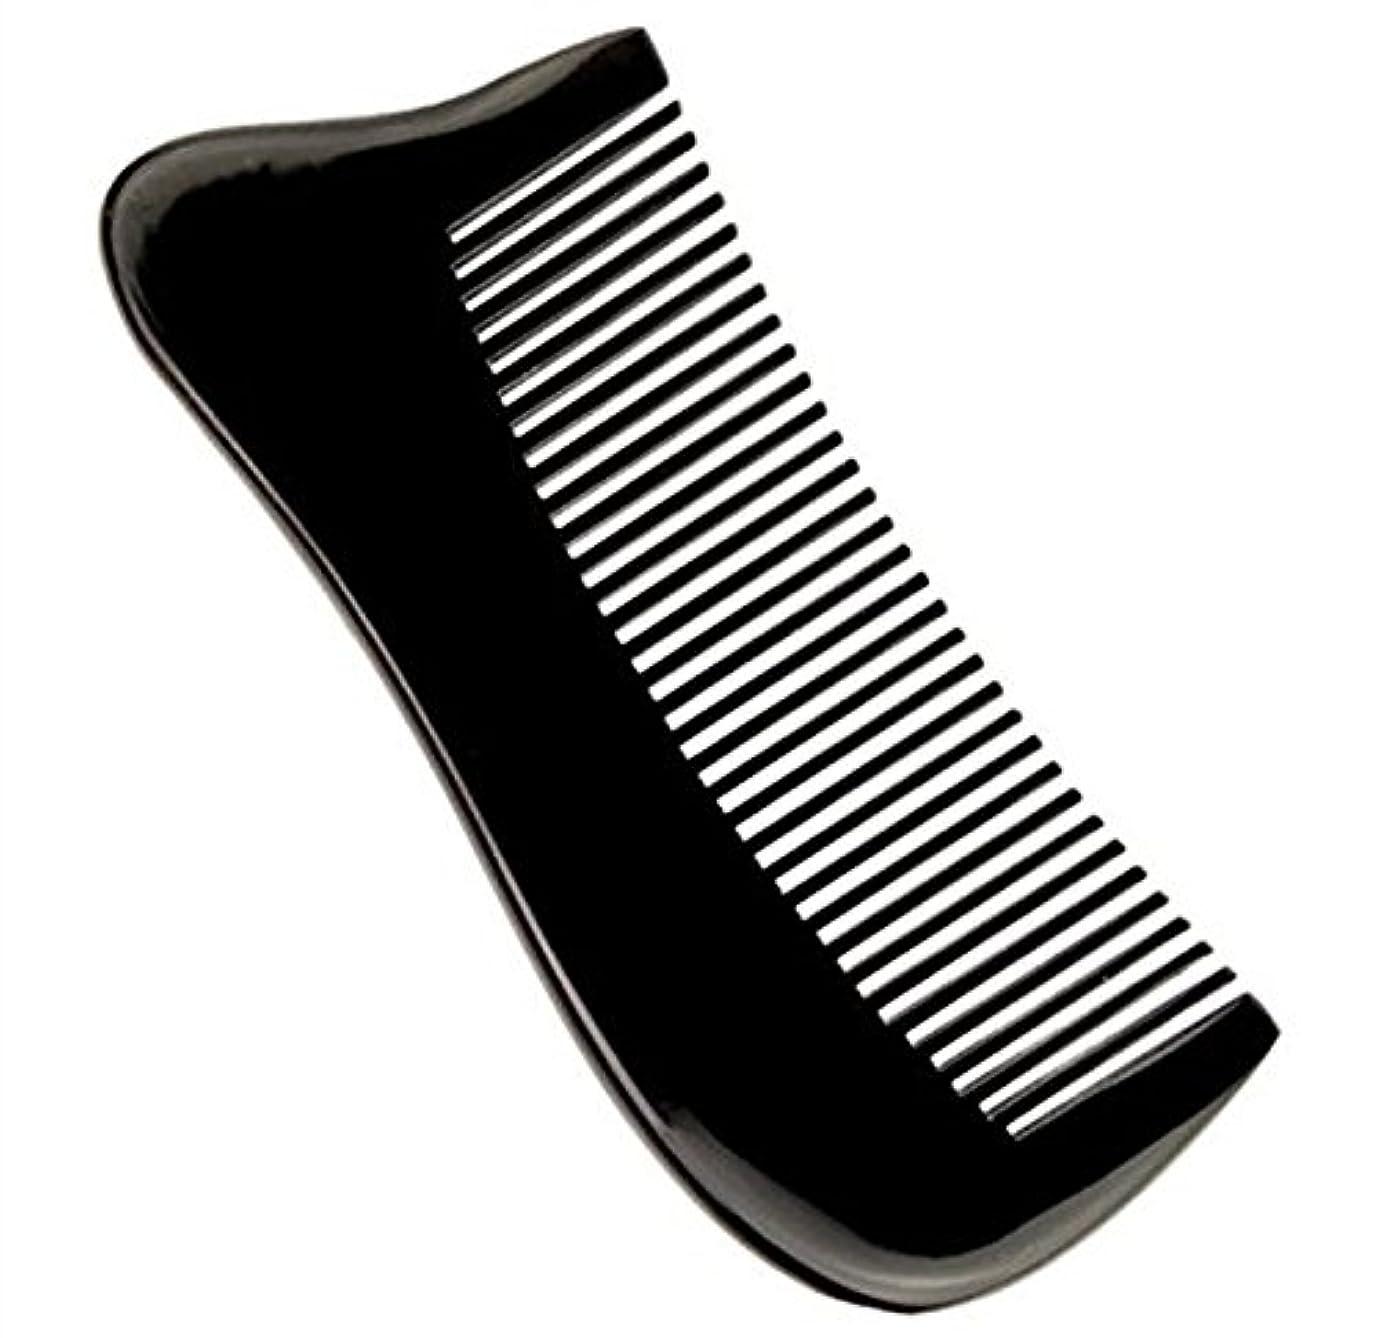 選択する隣人チケット櫛型 プロも使う牛角かっさプレート マサージ用 血行改善 高級 天然 静電気防止 美髪 美顔 ボディ リンパマッサージ